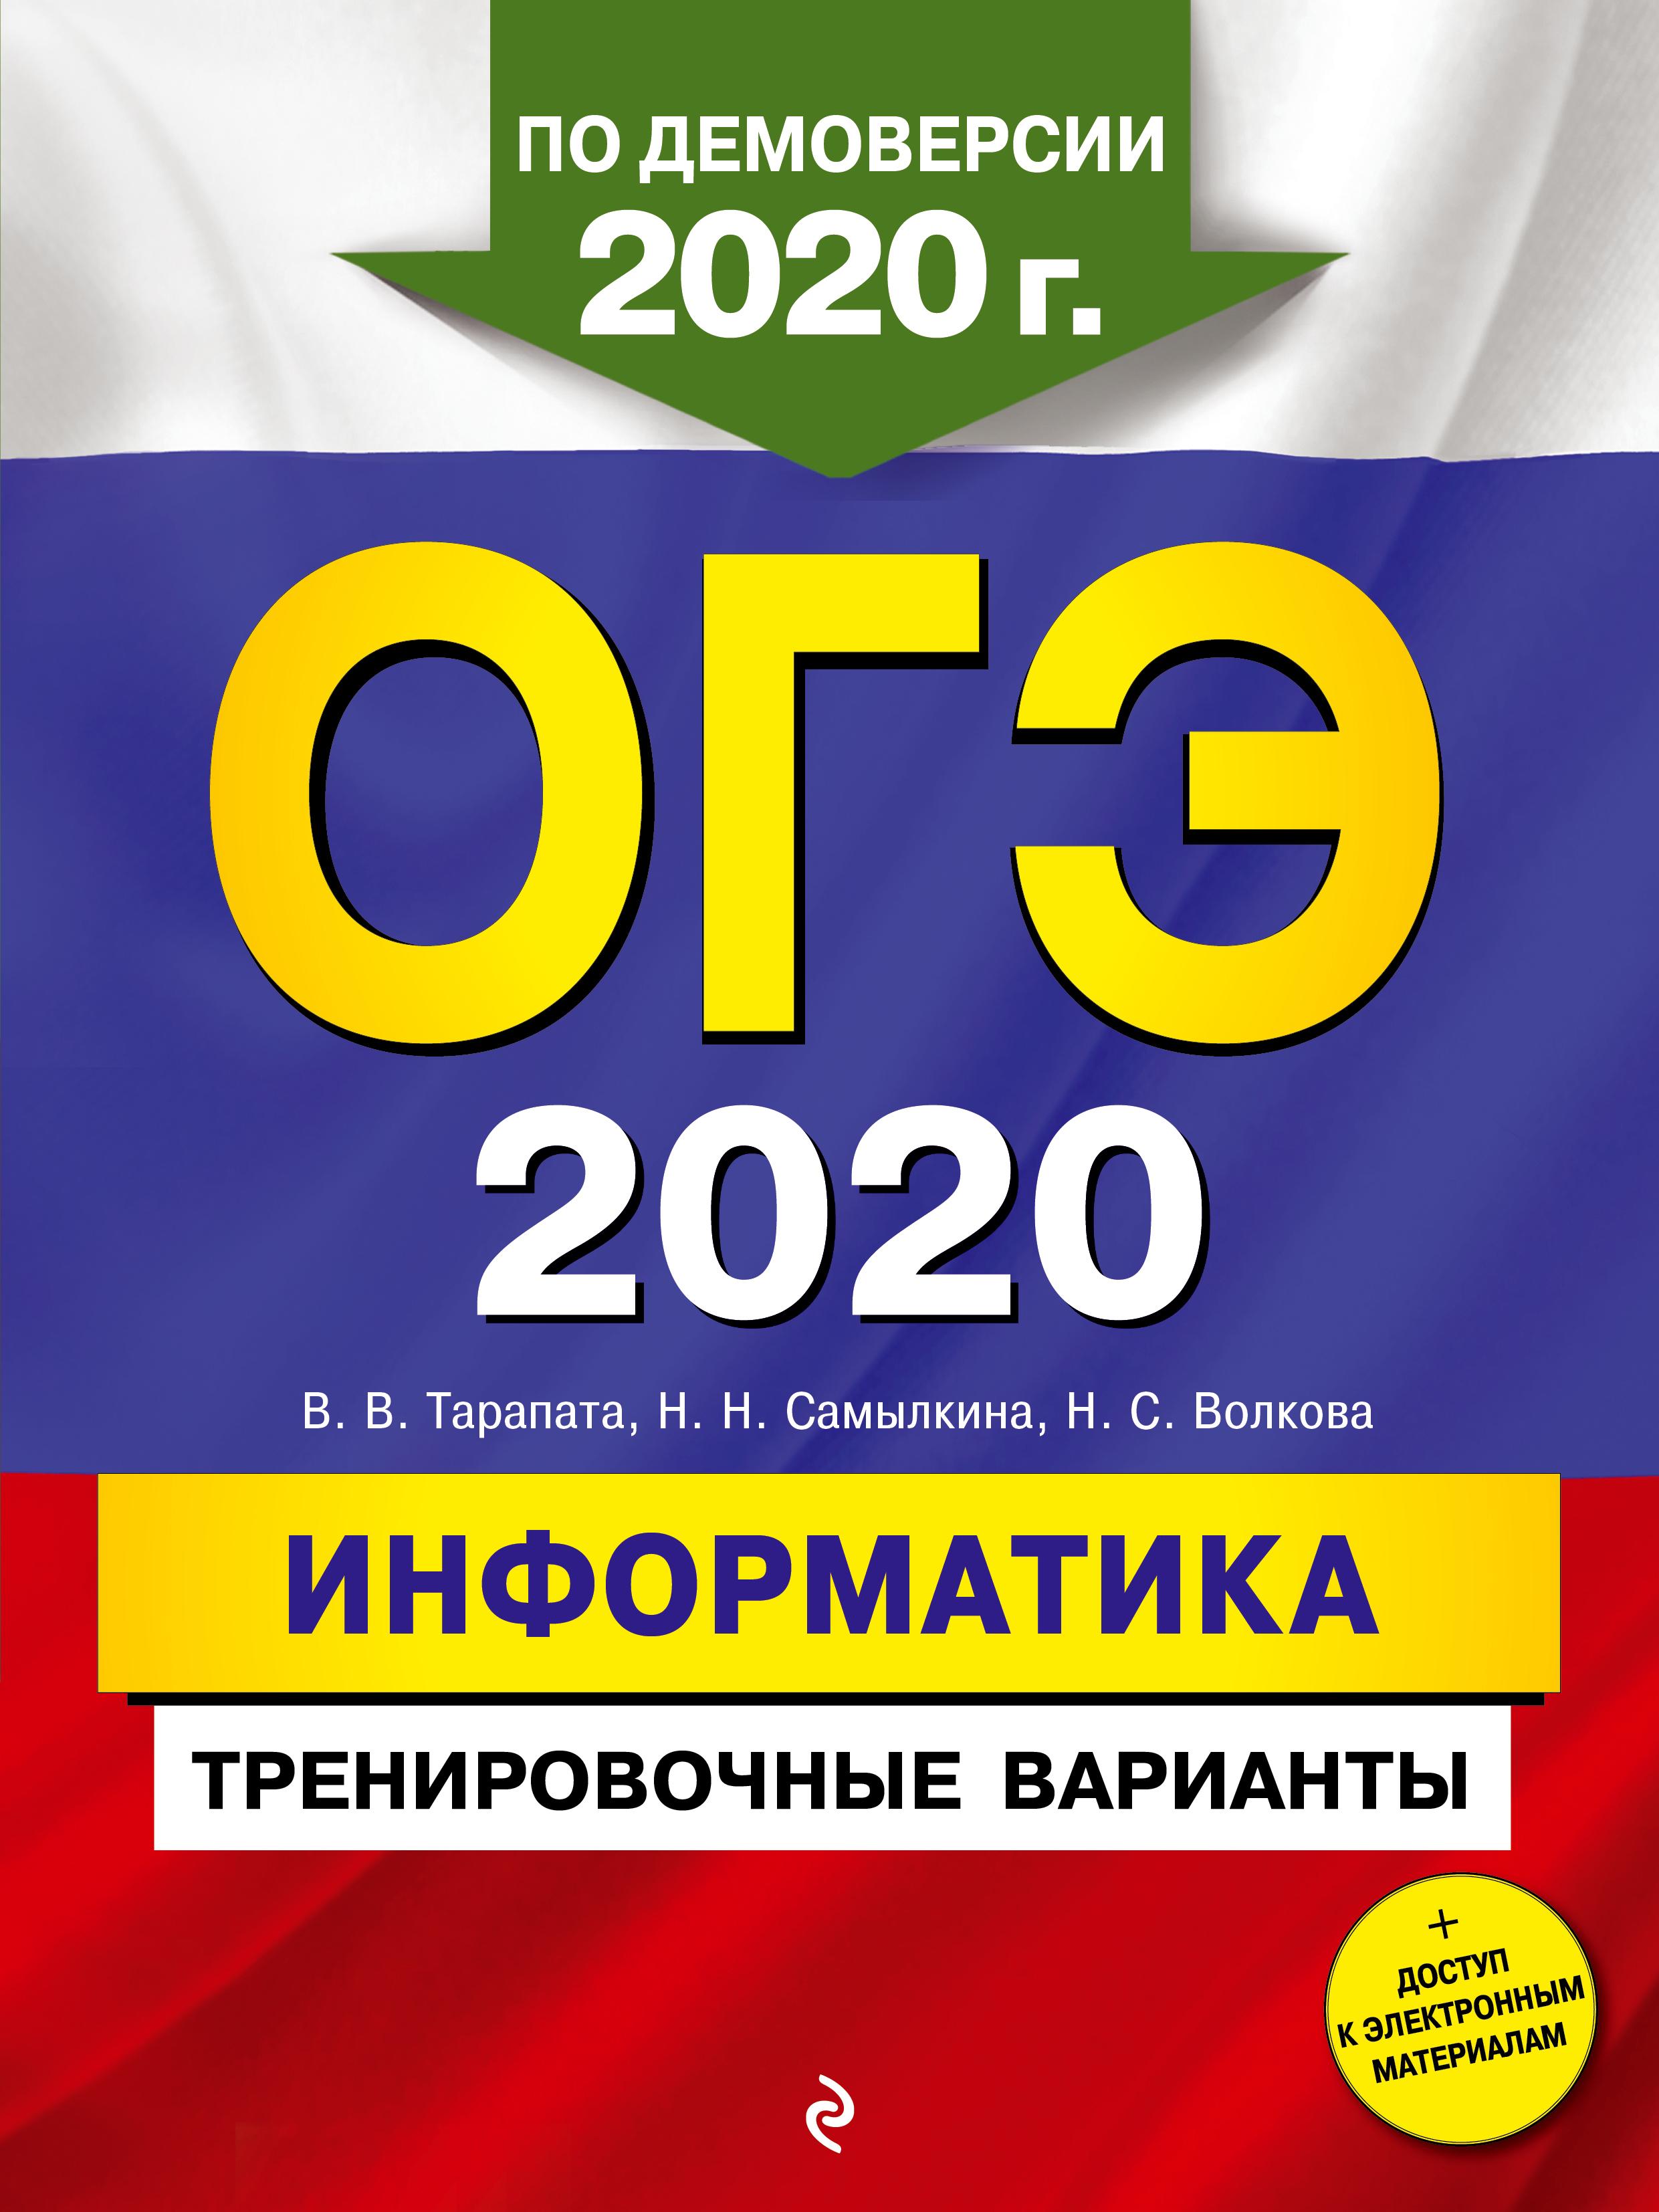 ОГЭ 2020. Информатика. Тренировочные варианты ( Н. Н. Самылкина  )